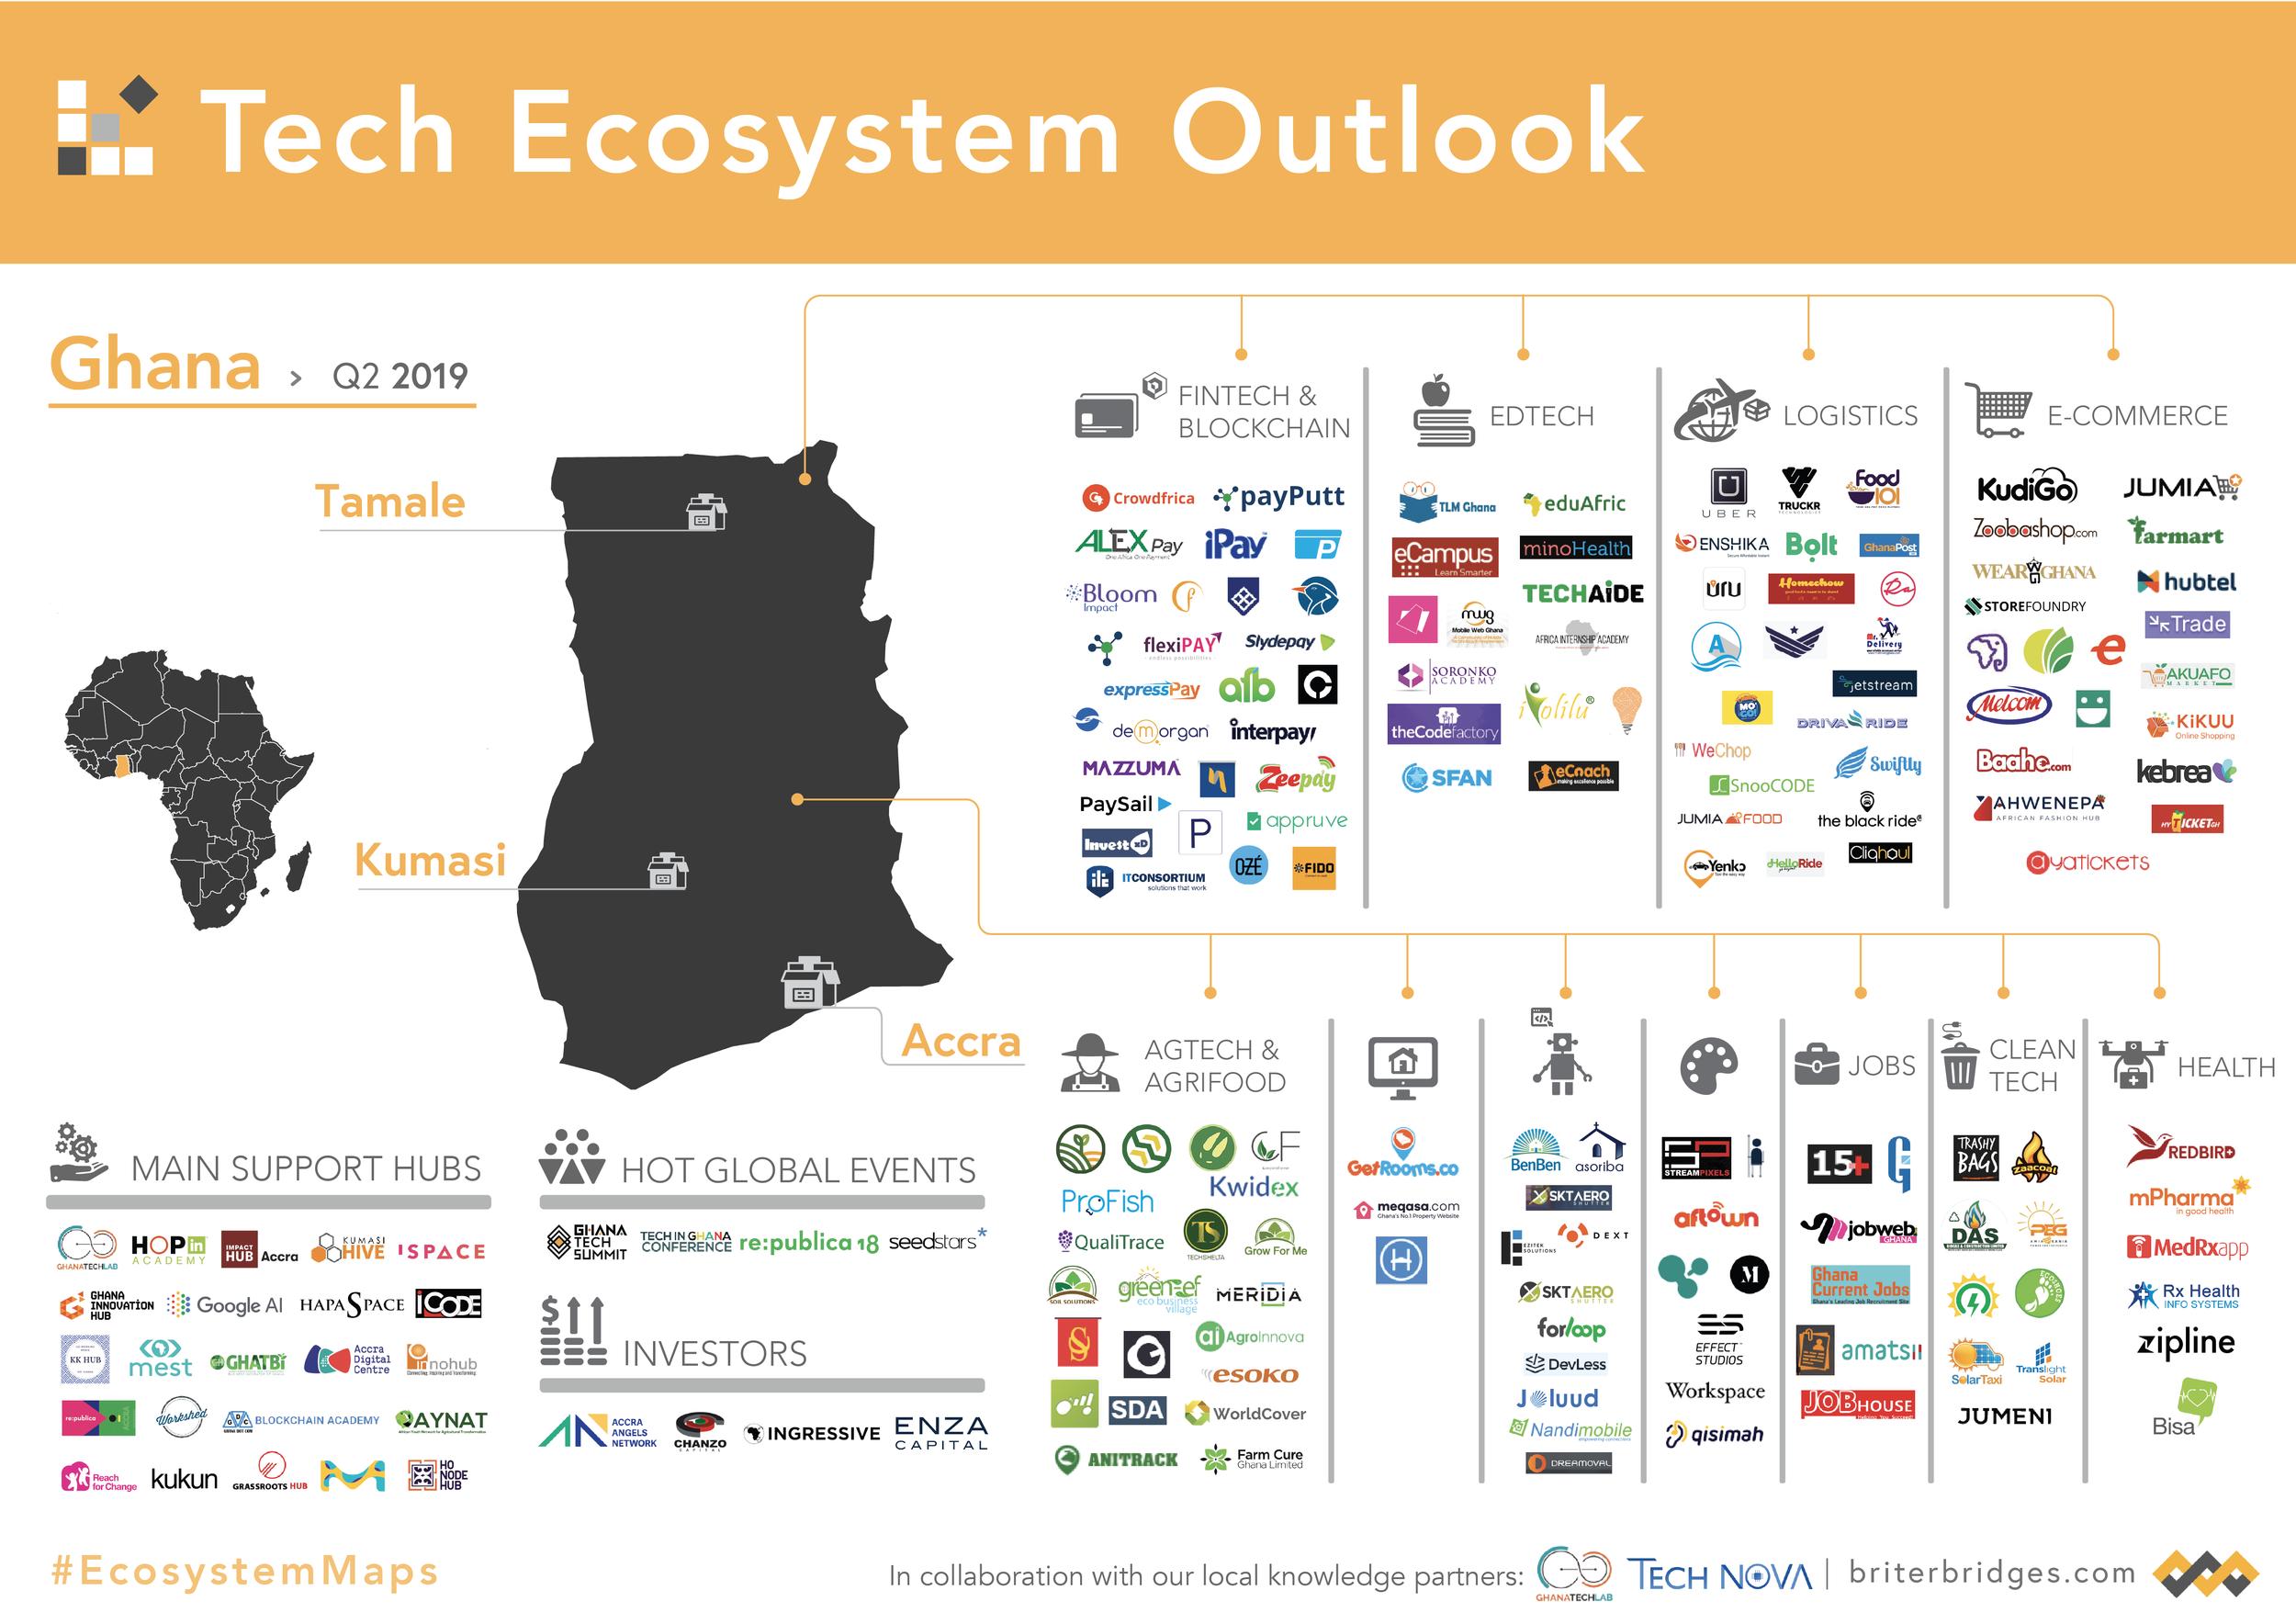 Ghana's Tech Ecosystem Map